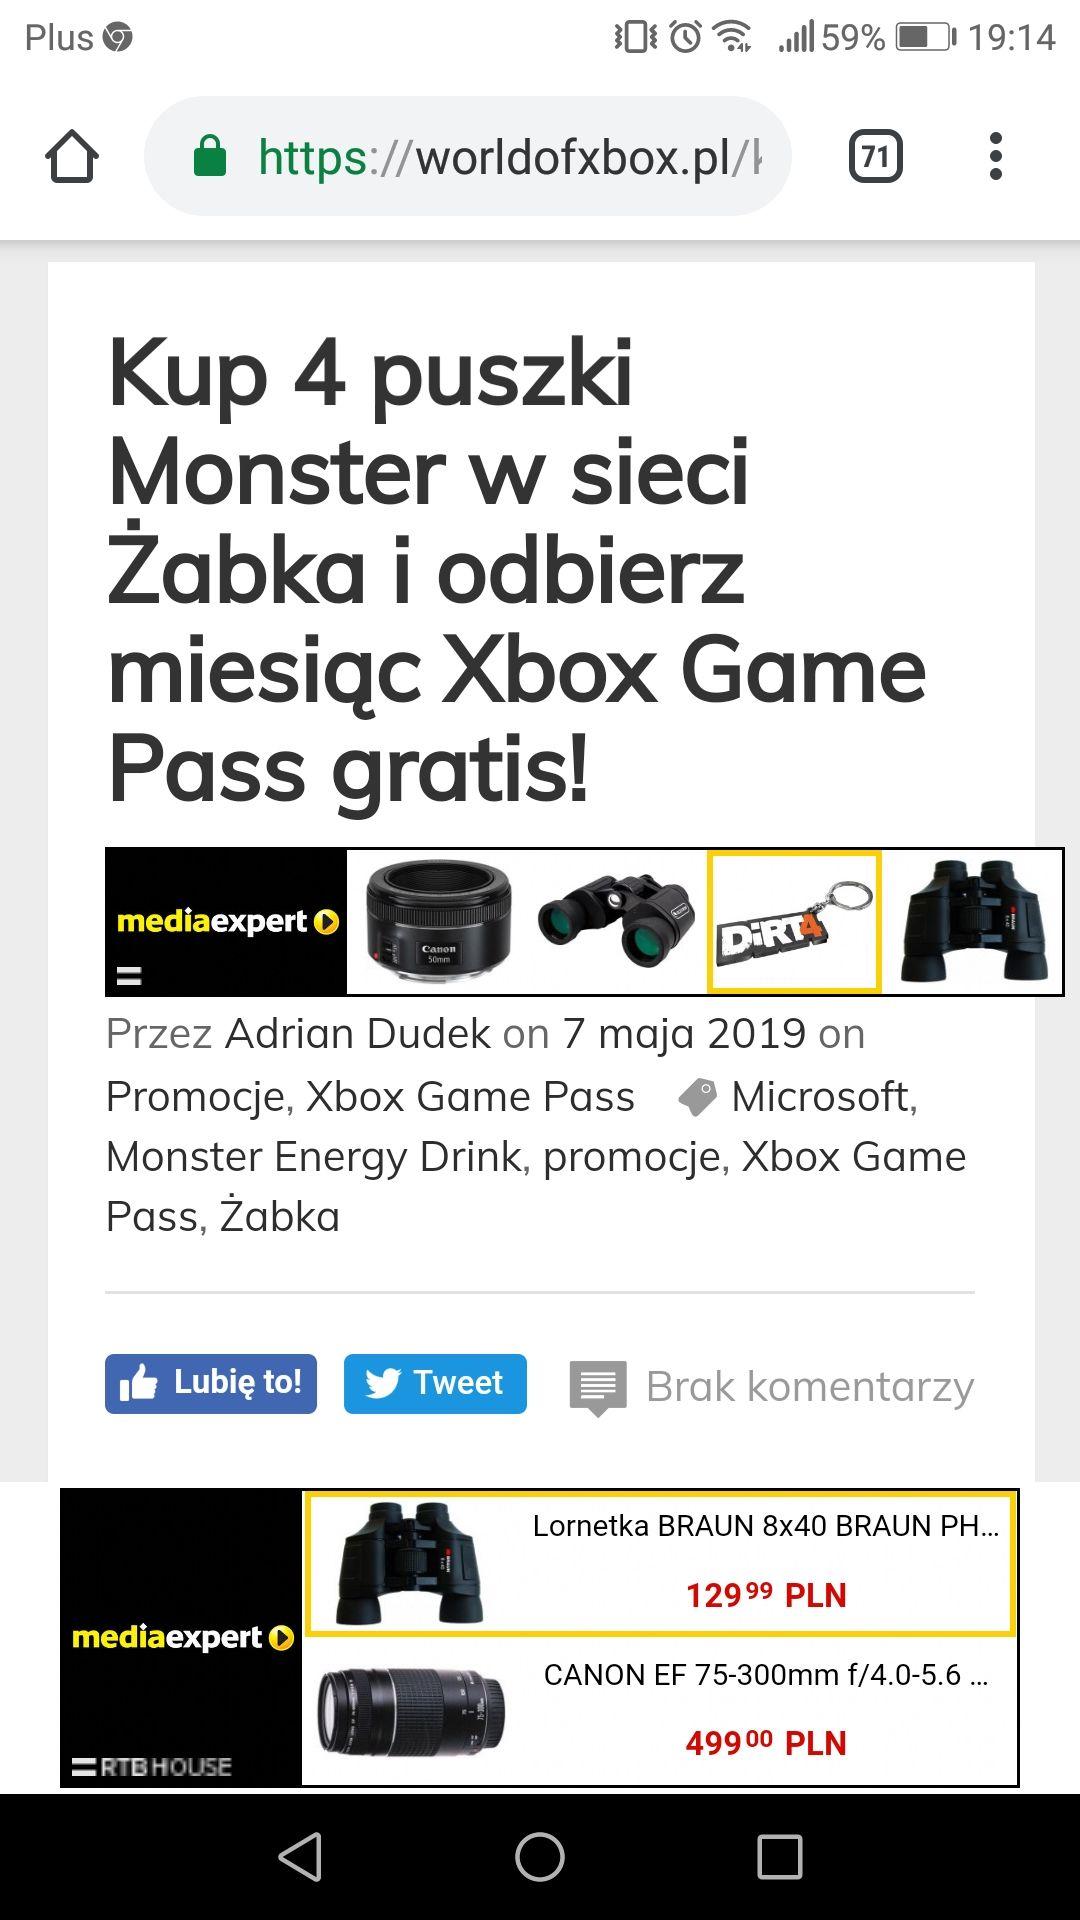 Kup 4 puszki Monster w sieci Żabka i odbierz miesiąc Xbox Game Pass gratis!